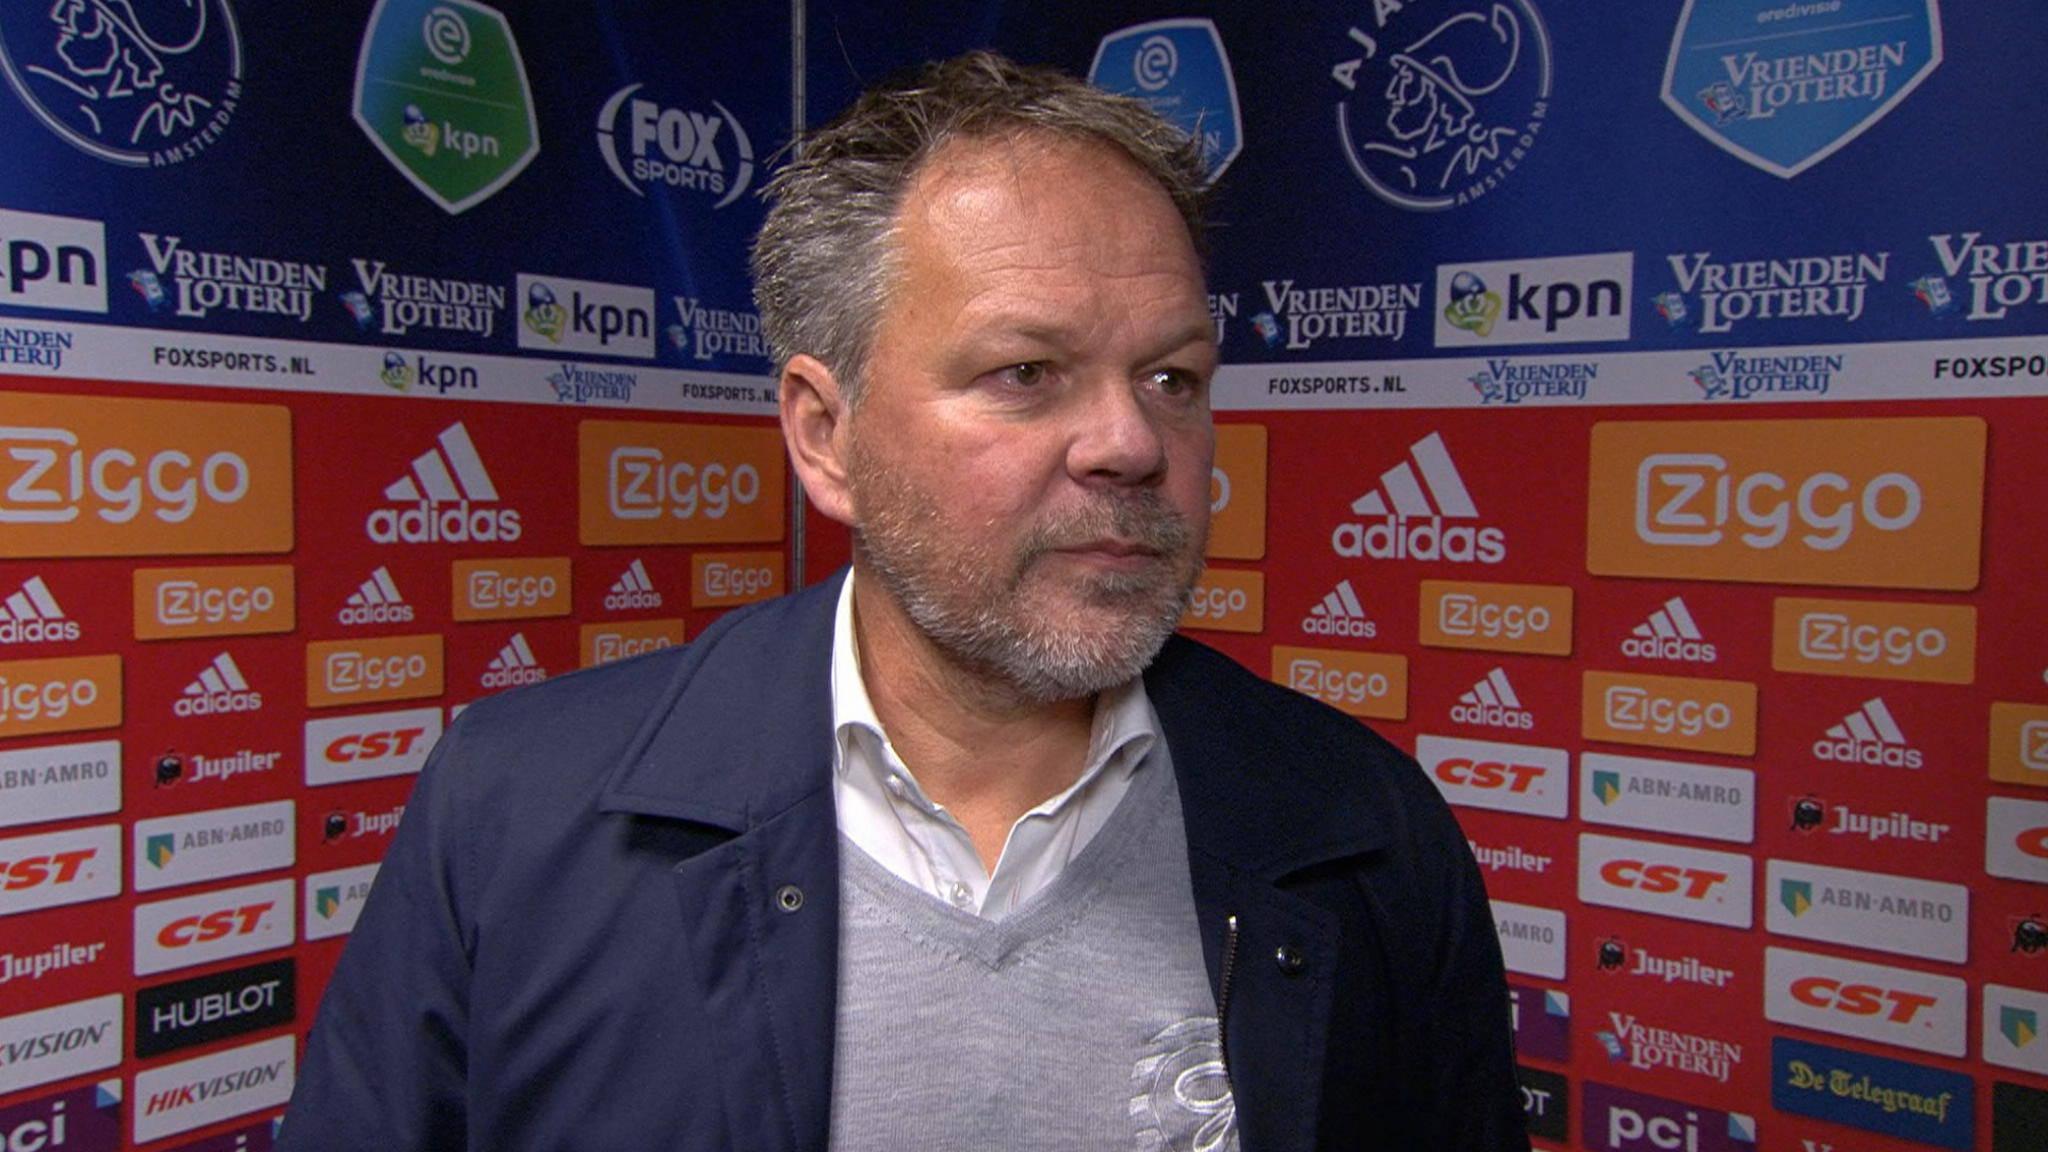 De Graafschap-trainer De Jong: 'Dit Is Sneu Voor Mijn